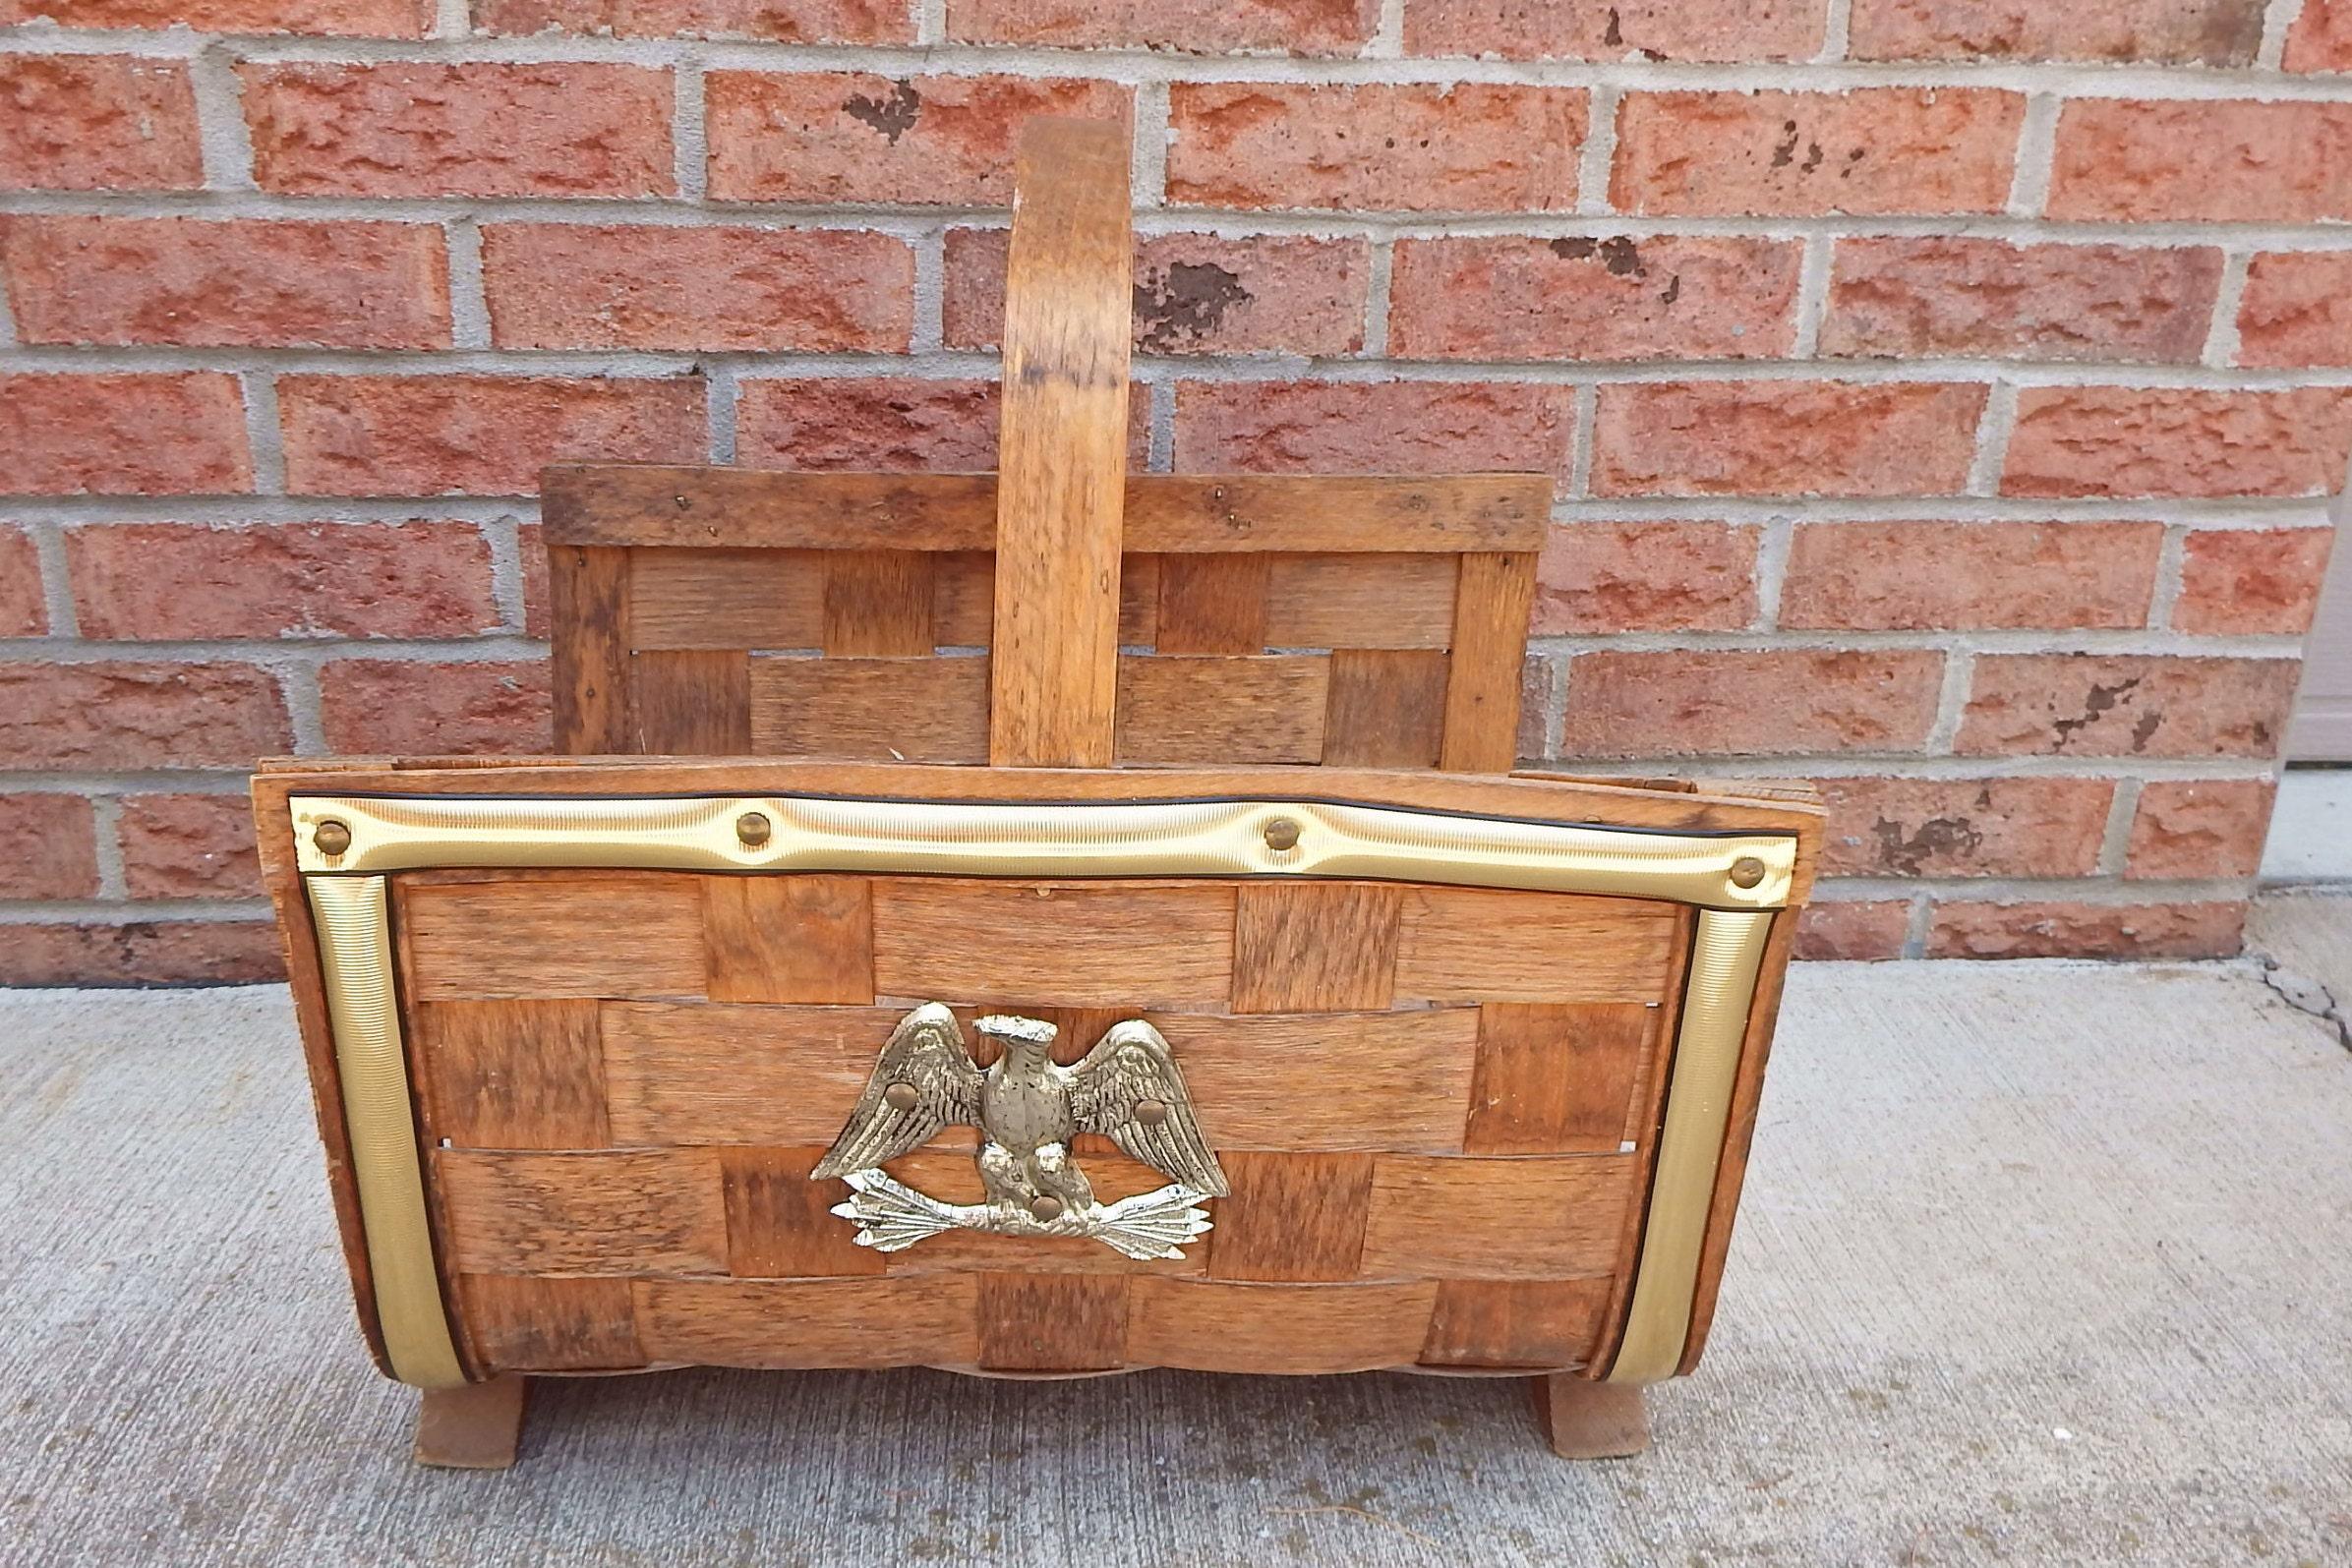 wood weaved fire log basket putney vermont basketville